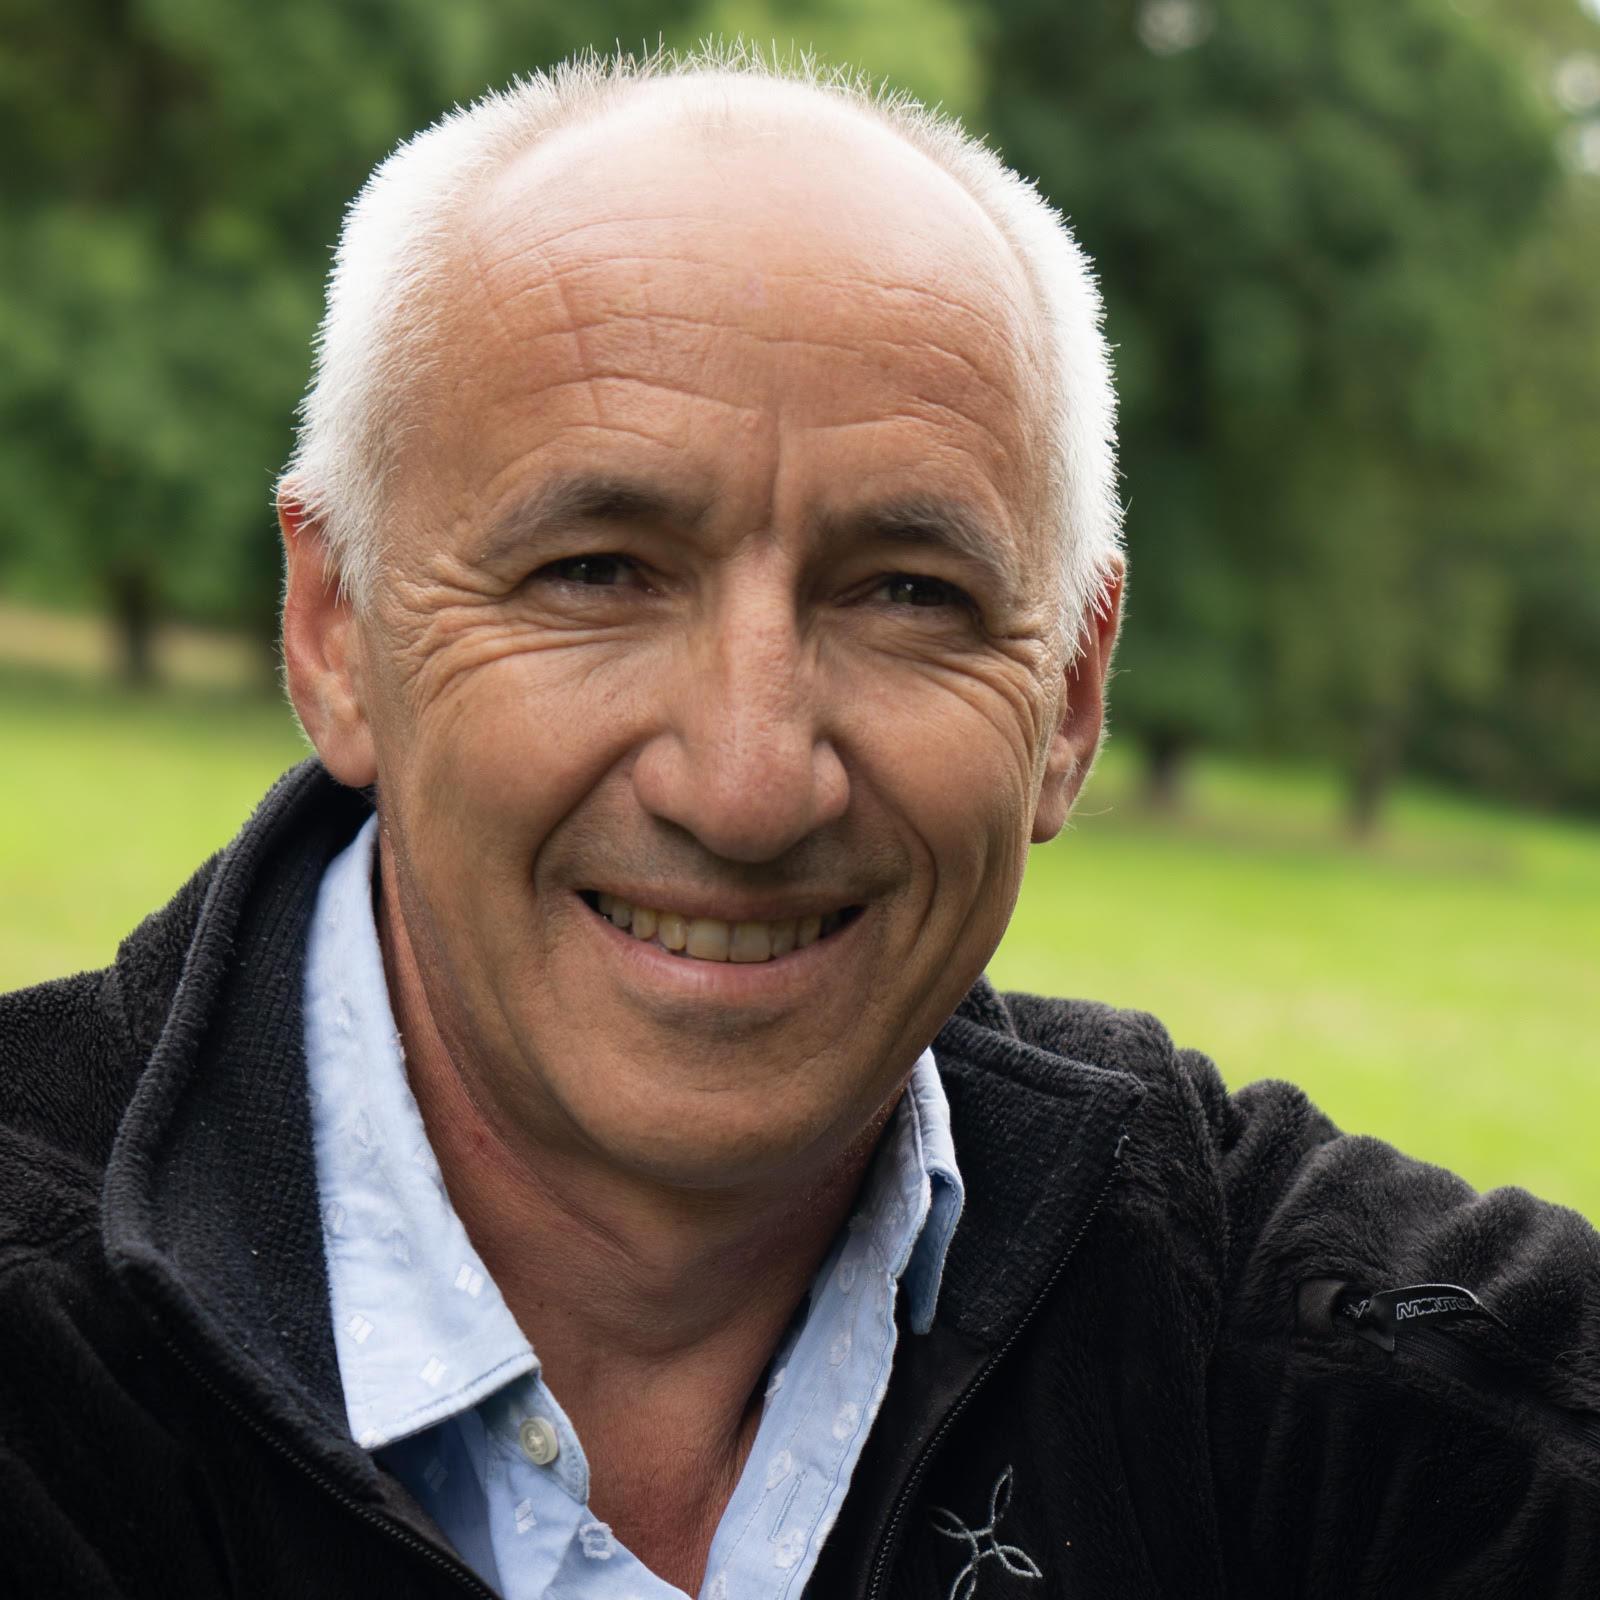 Entretien avec Pierre Leroy, président du PETR du Briançonnais dans le cadre de notre saga Territoires Engagés